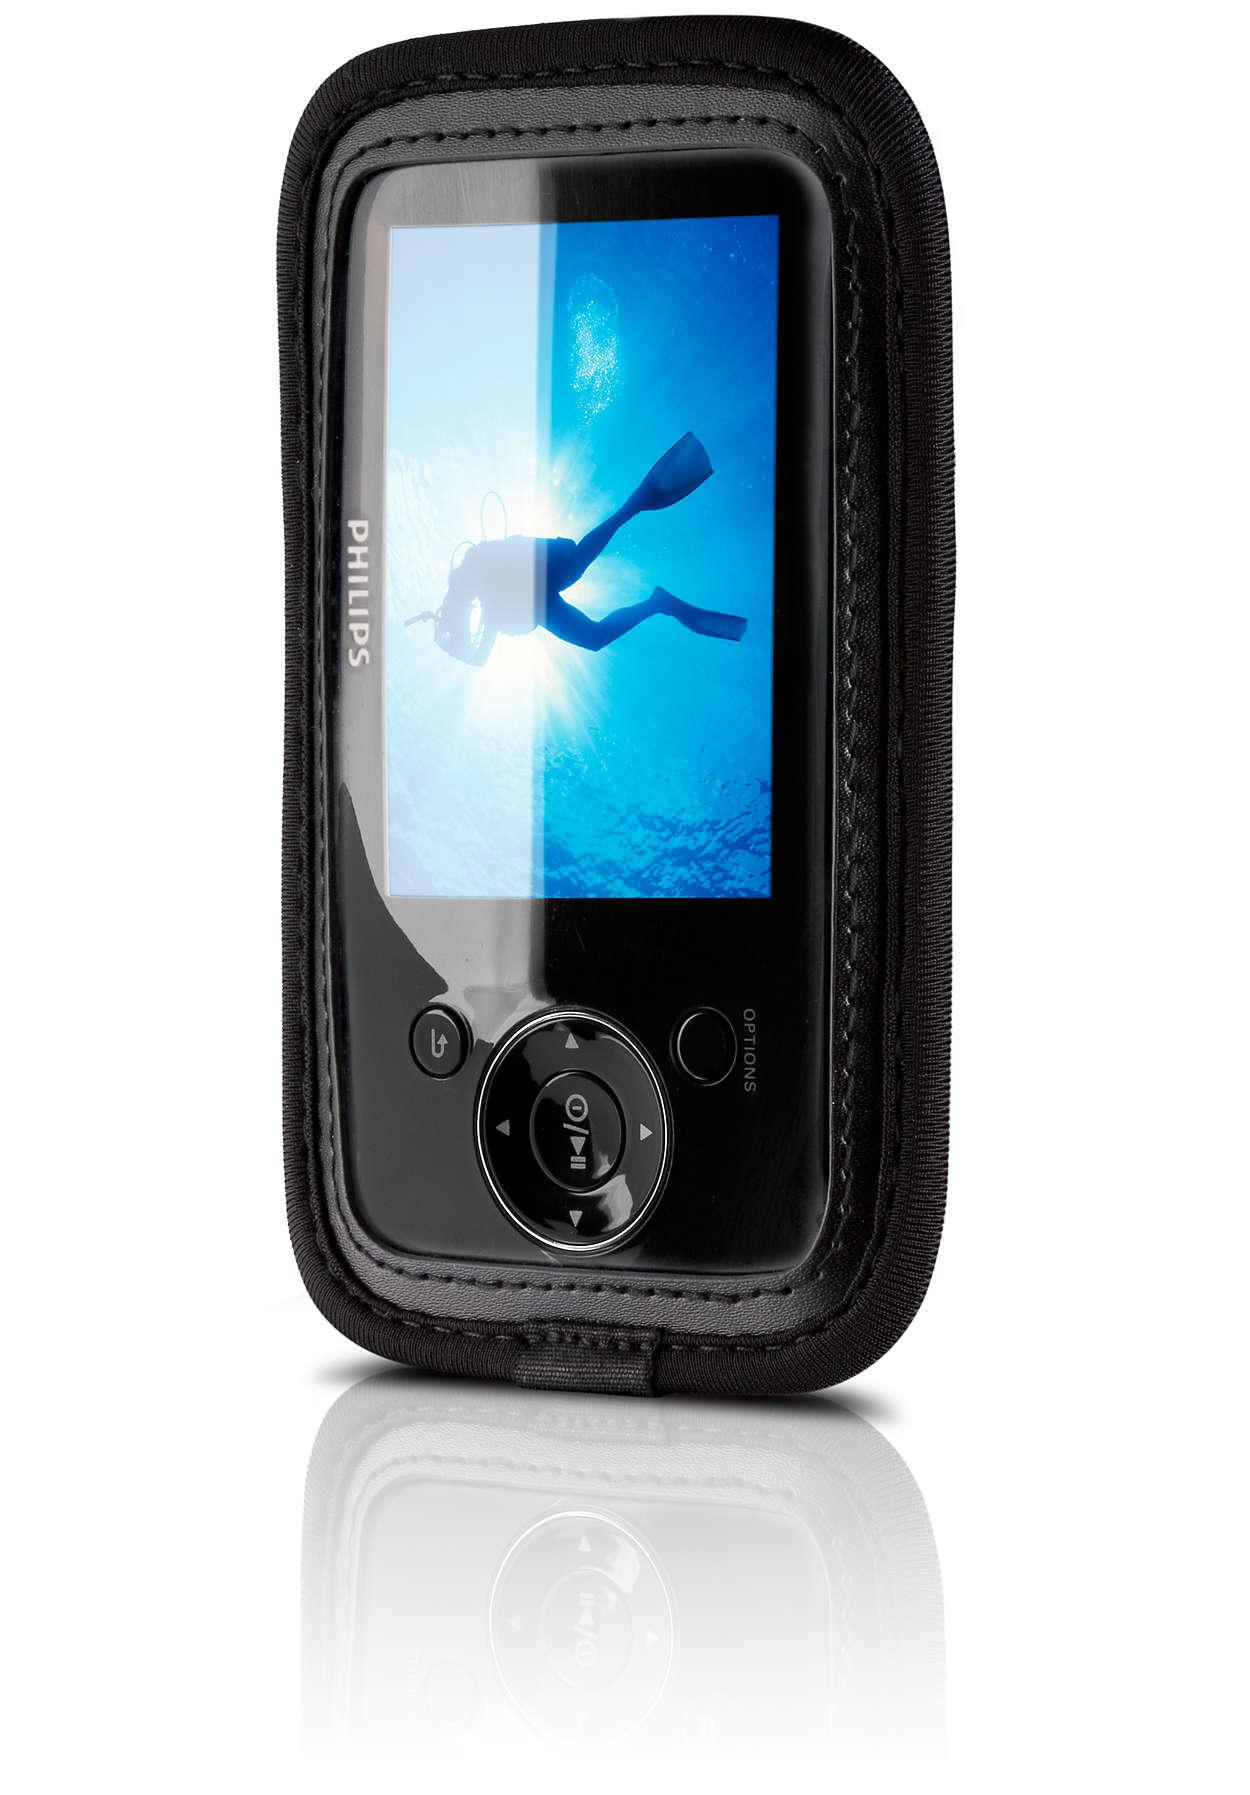 Transportieren und schützen Sie Ihr mobiles Gerät